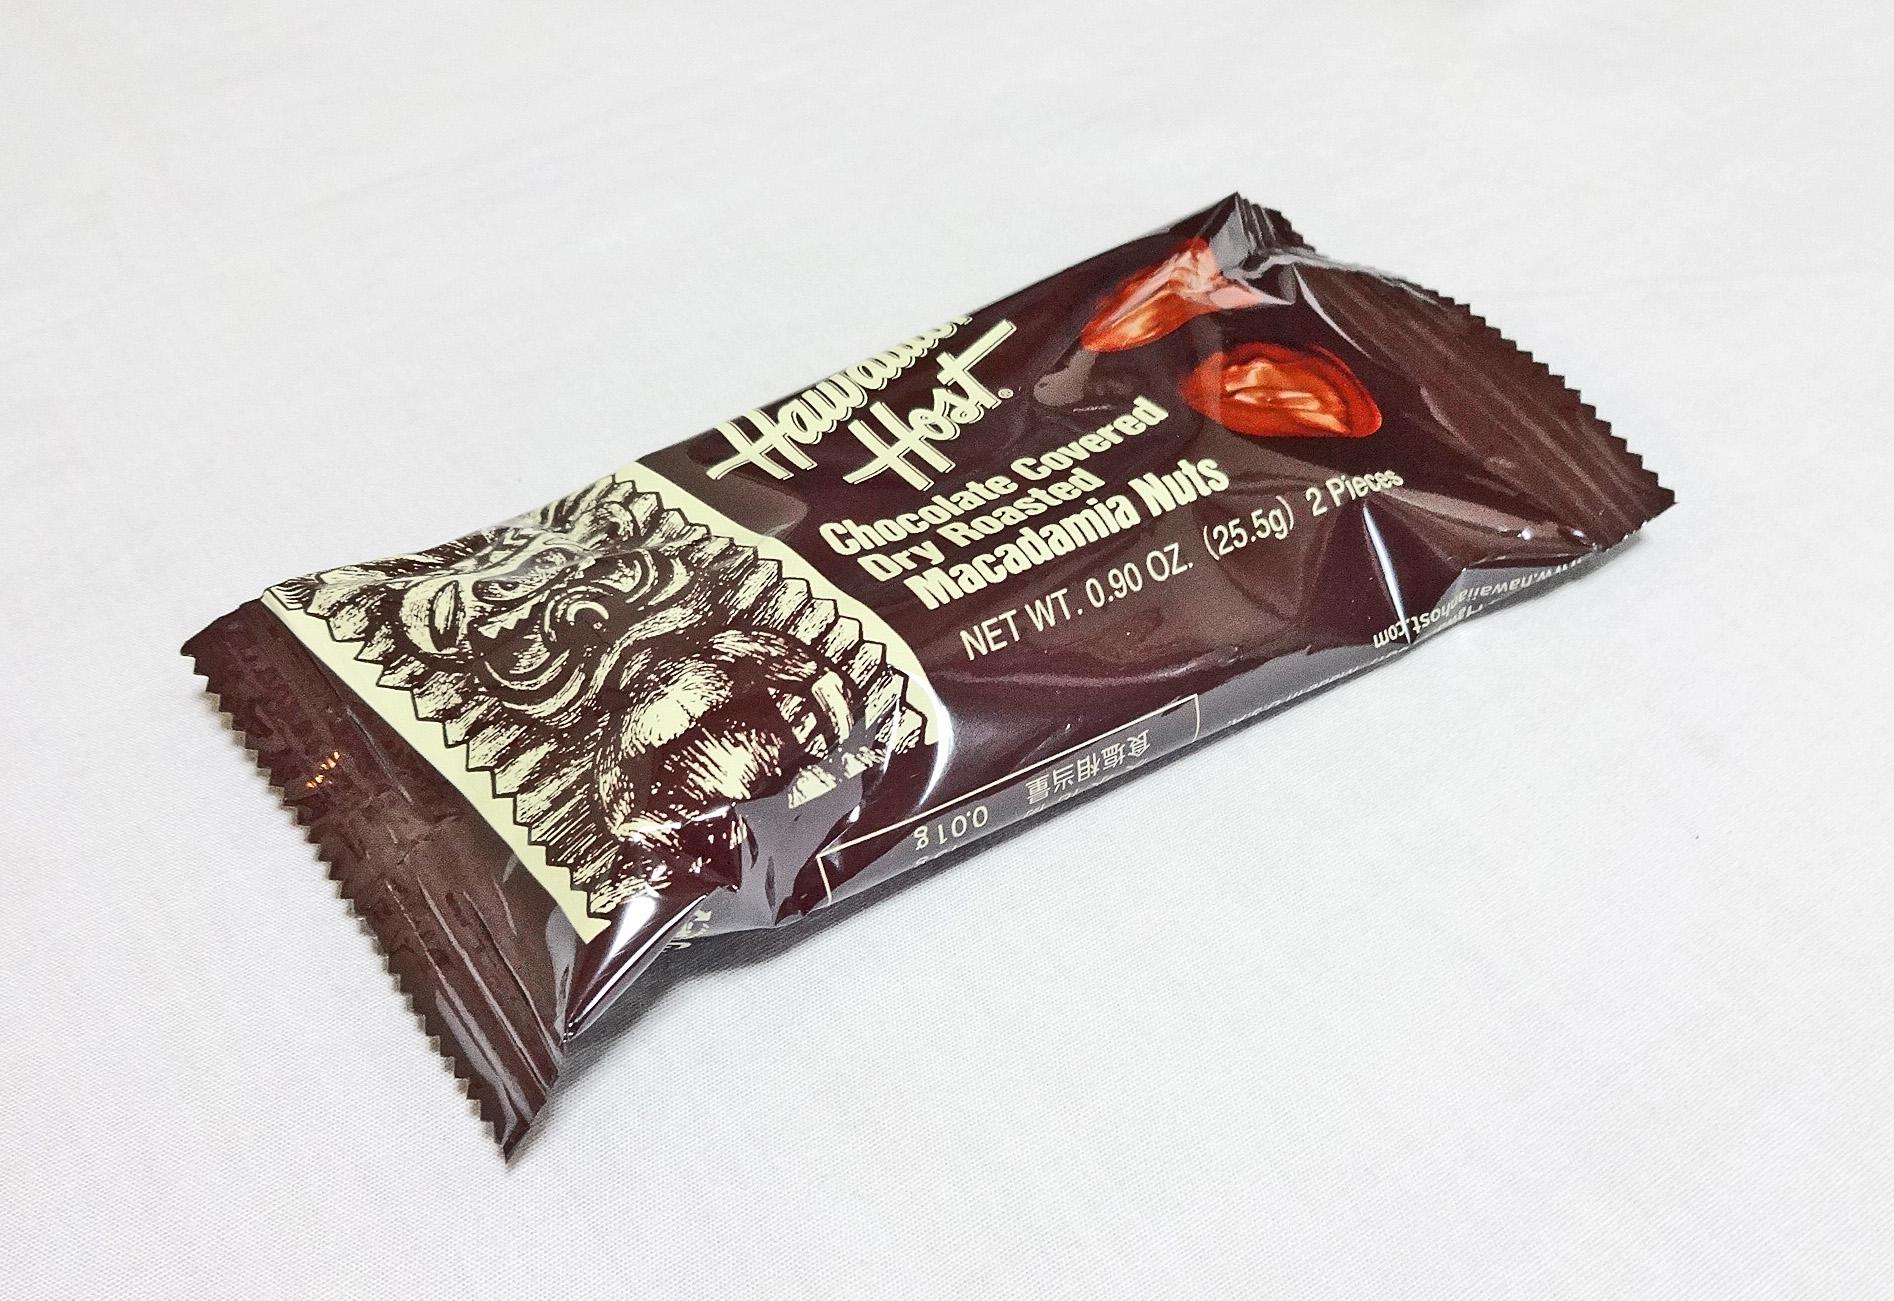 ハワイアンホースト・マカダミアナッツチョコレートTIKIバー/(2粒入り)